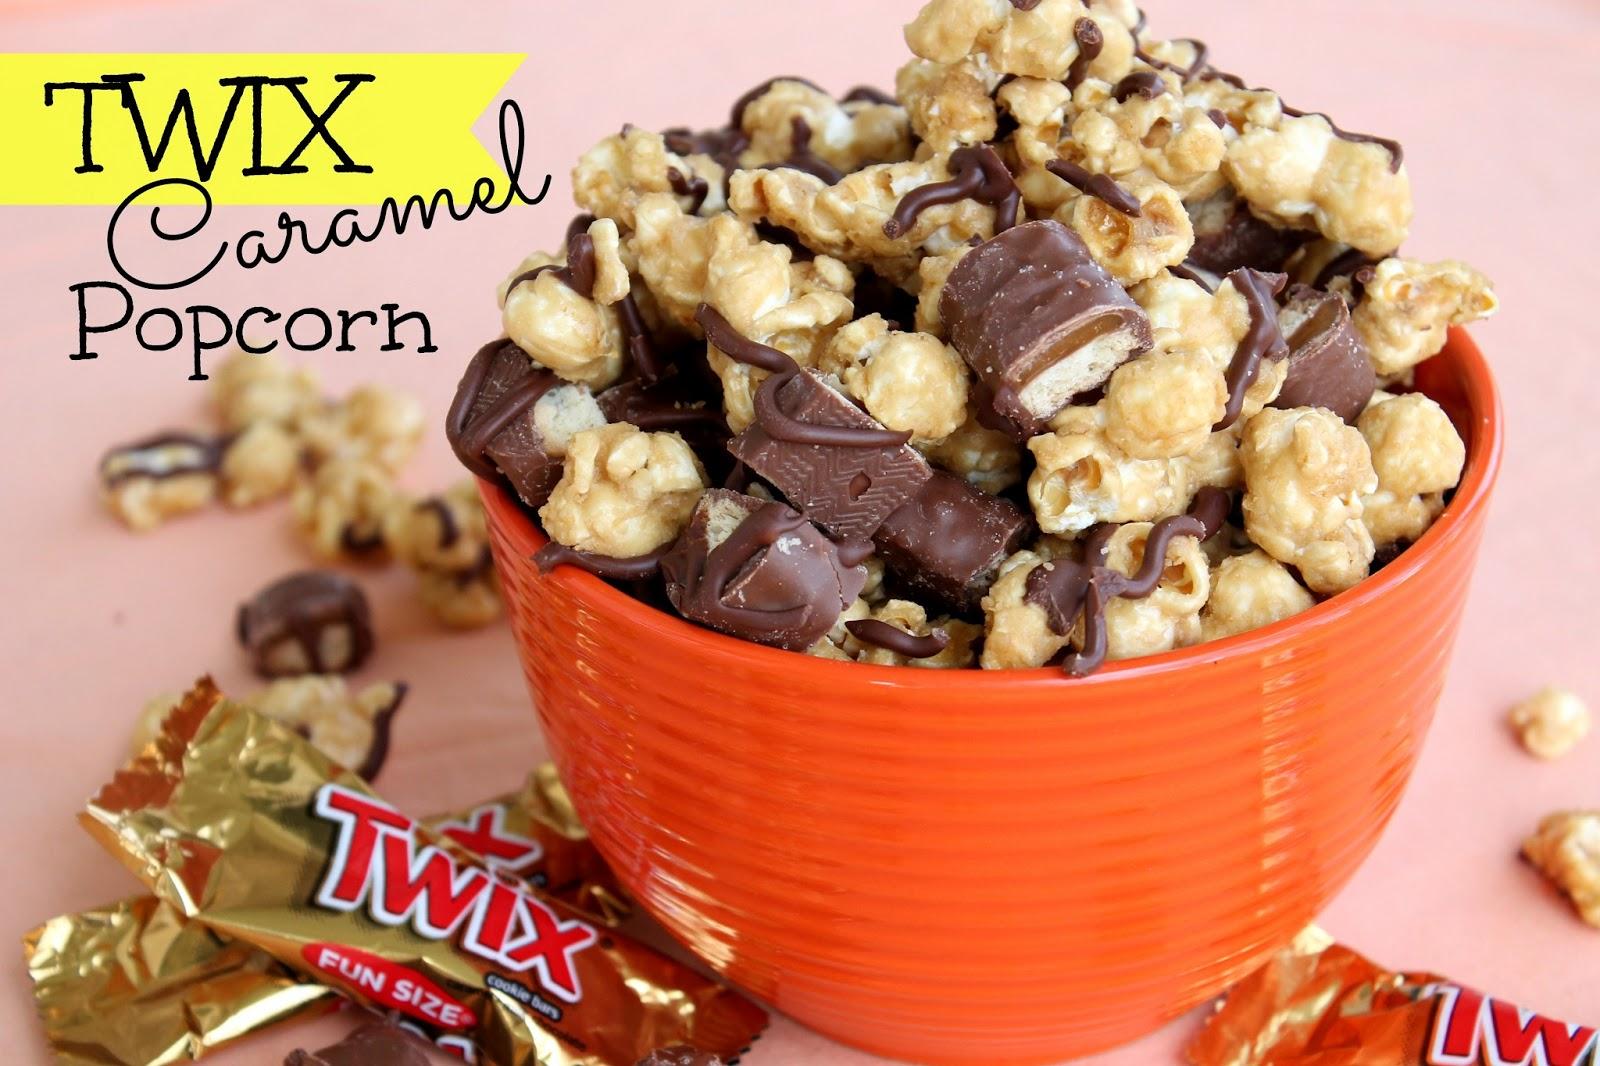 Twix Caramel Popcorn Recipe | Six Sisters' Stuff